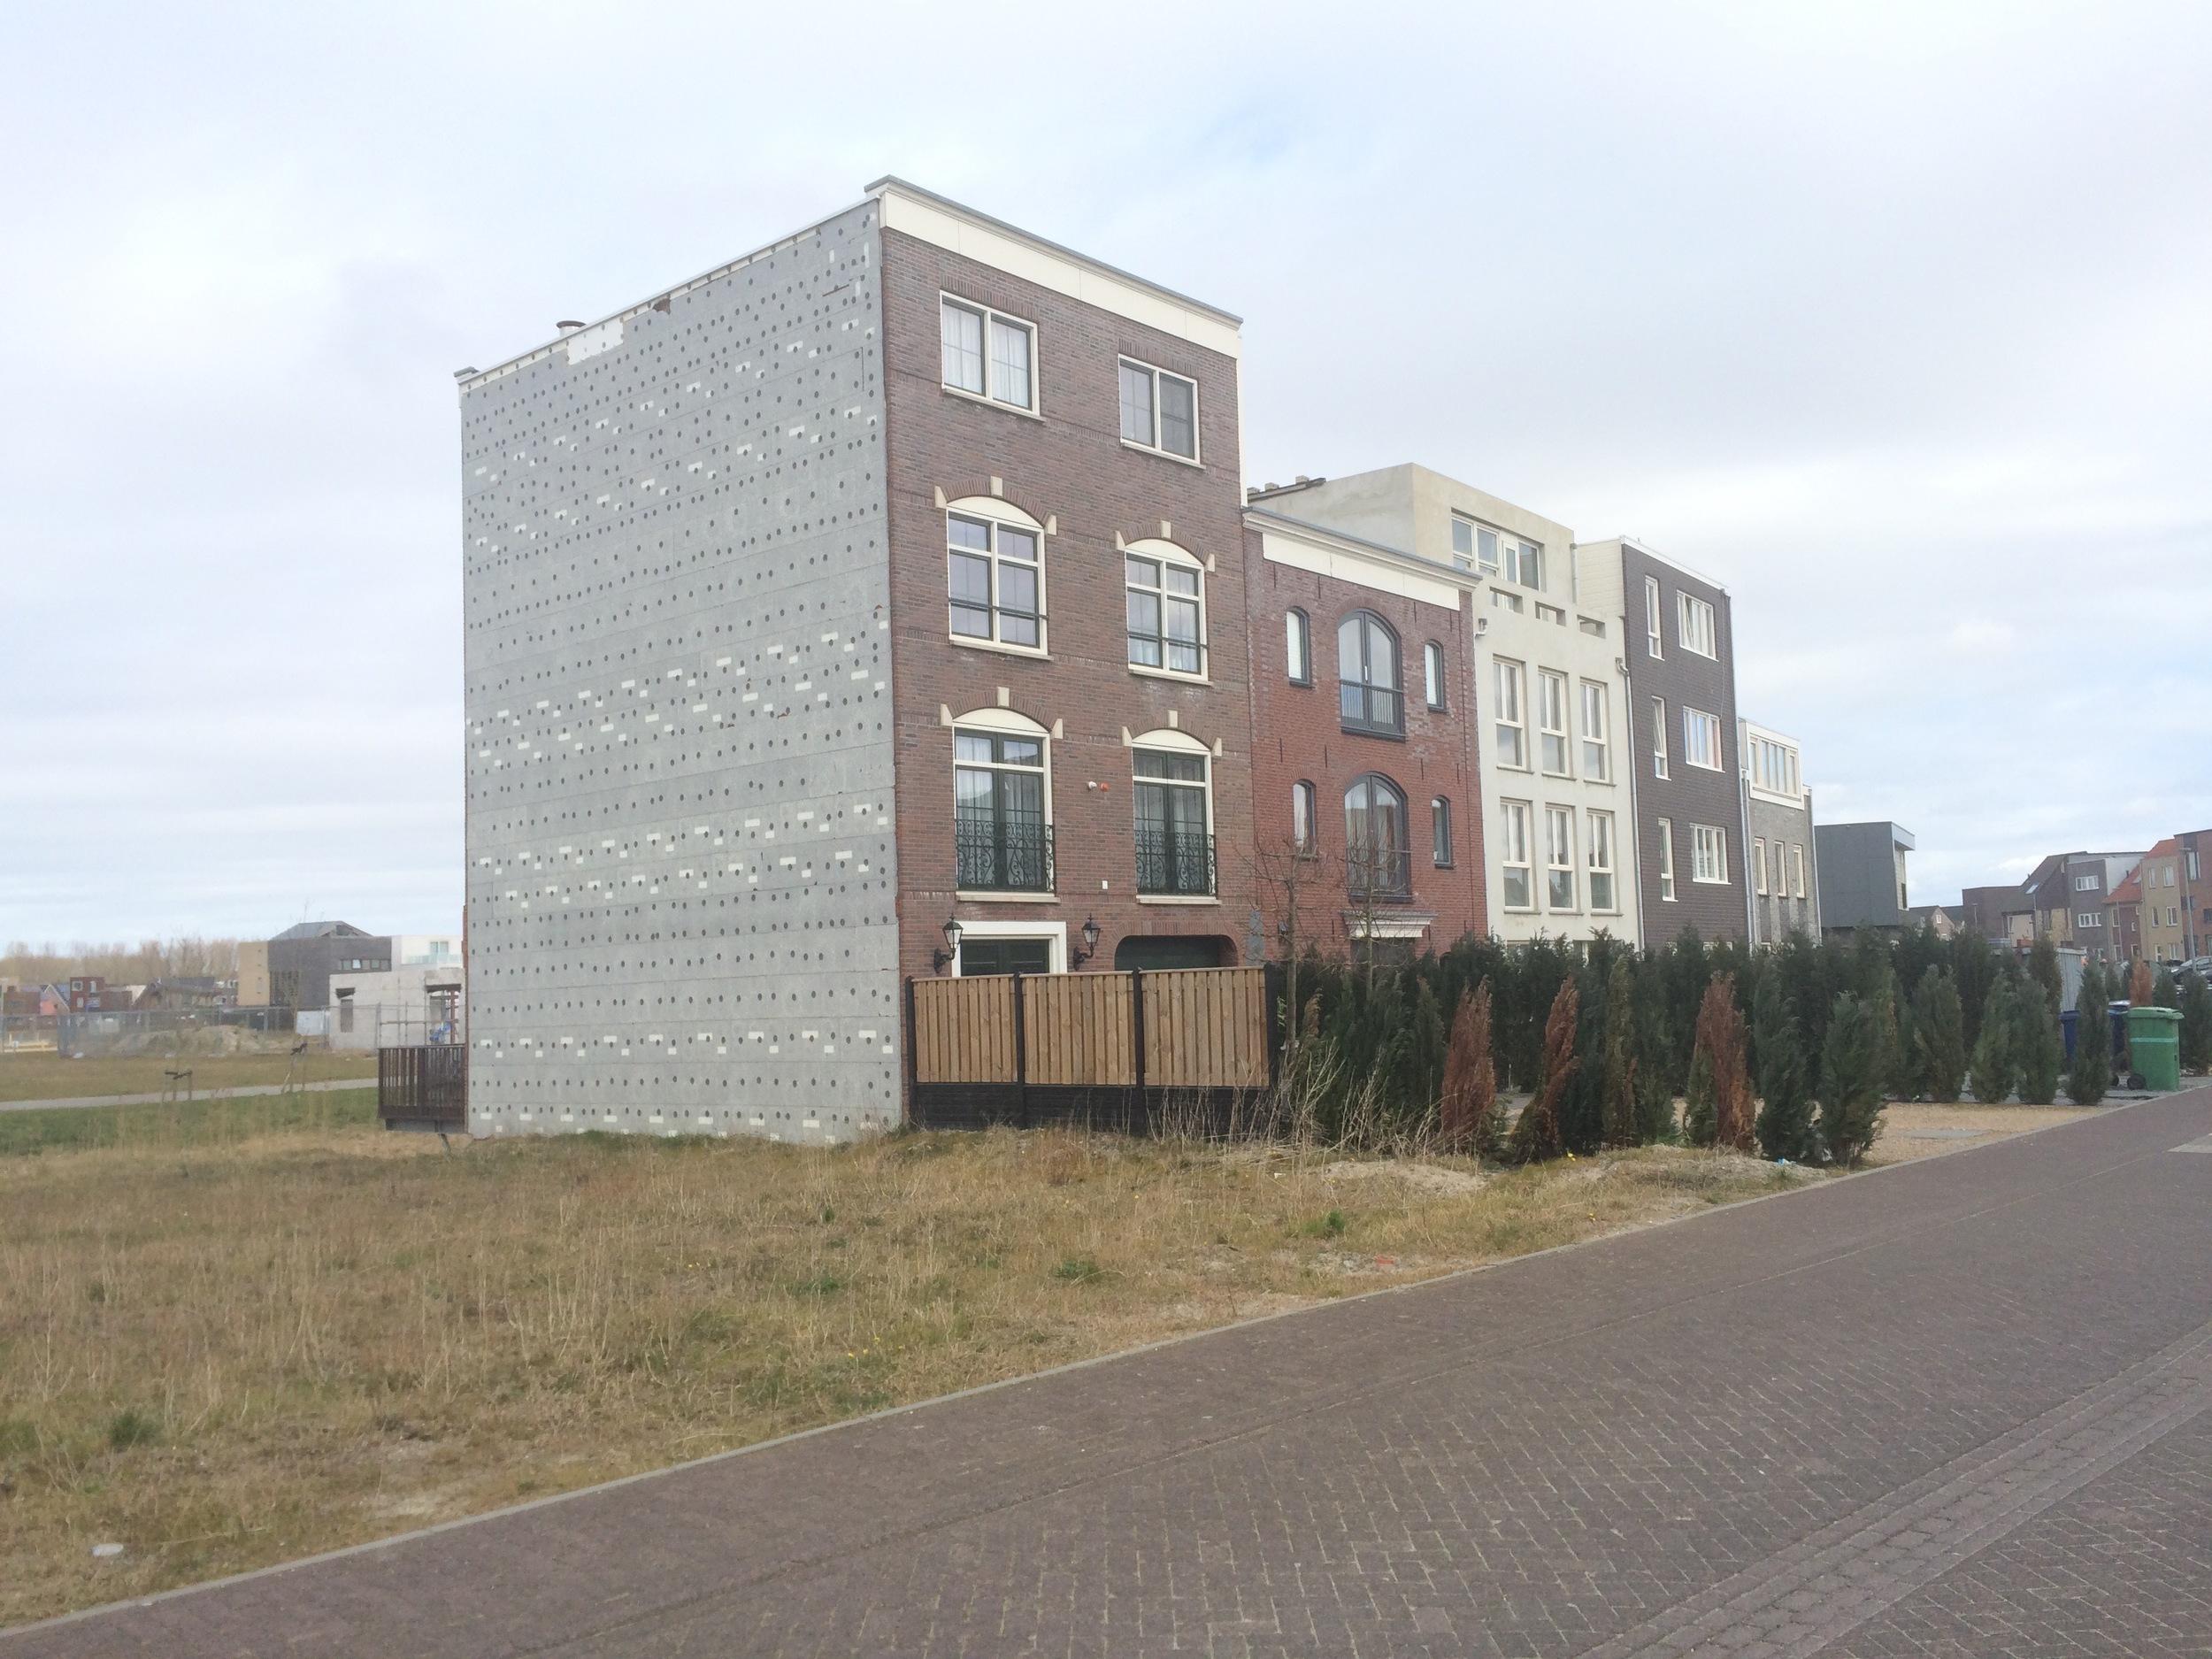 En af udfordringerne ved den ret radikale hollandske tilgang er, at det kan være vanskeligt at styre tempoet i helhedsudviklingen. Fx har nogle måttet finde sig i at være naboløse i flere år, fordi den enkelte grund enten ikke var solgt eller udviklet.